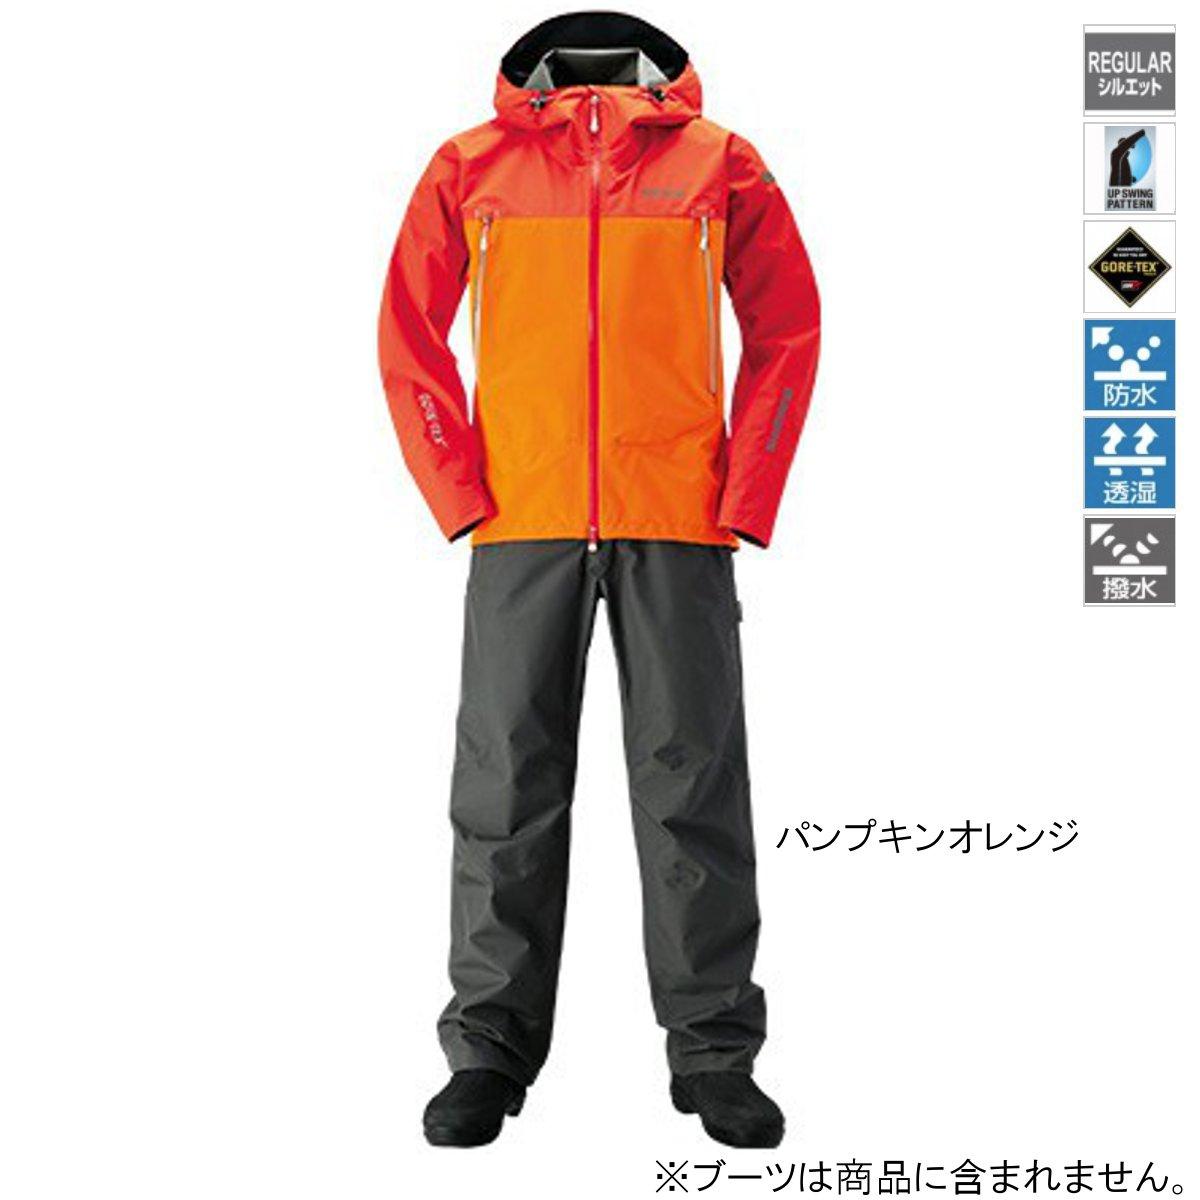 シマノ GORE-TEX ベーシックスーツ RA-017R 2XL パンプキンオレンジ(東日本店)